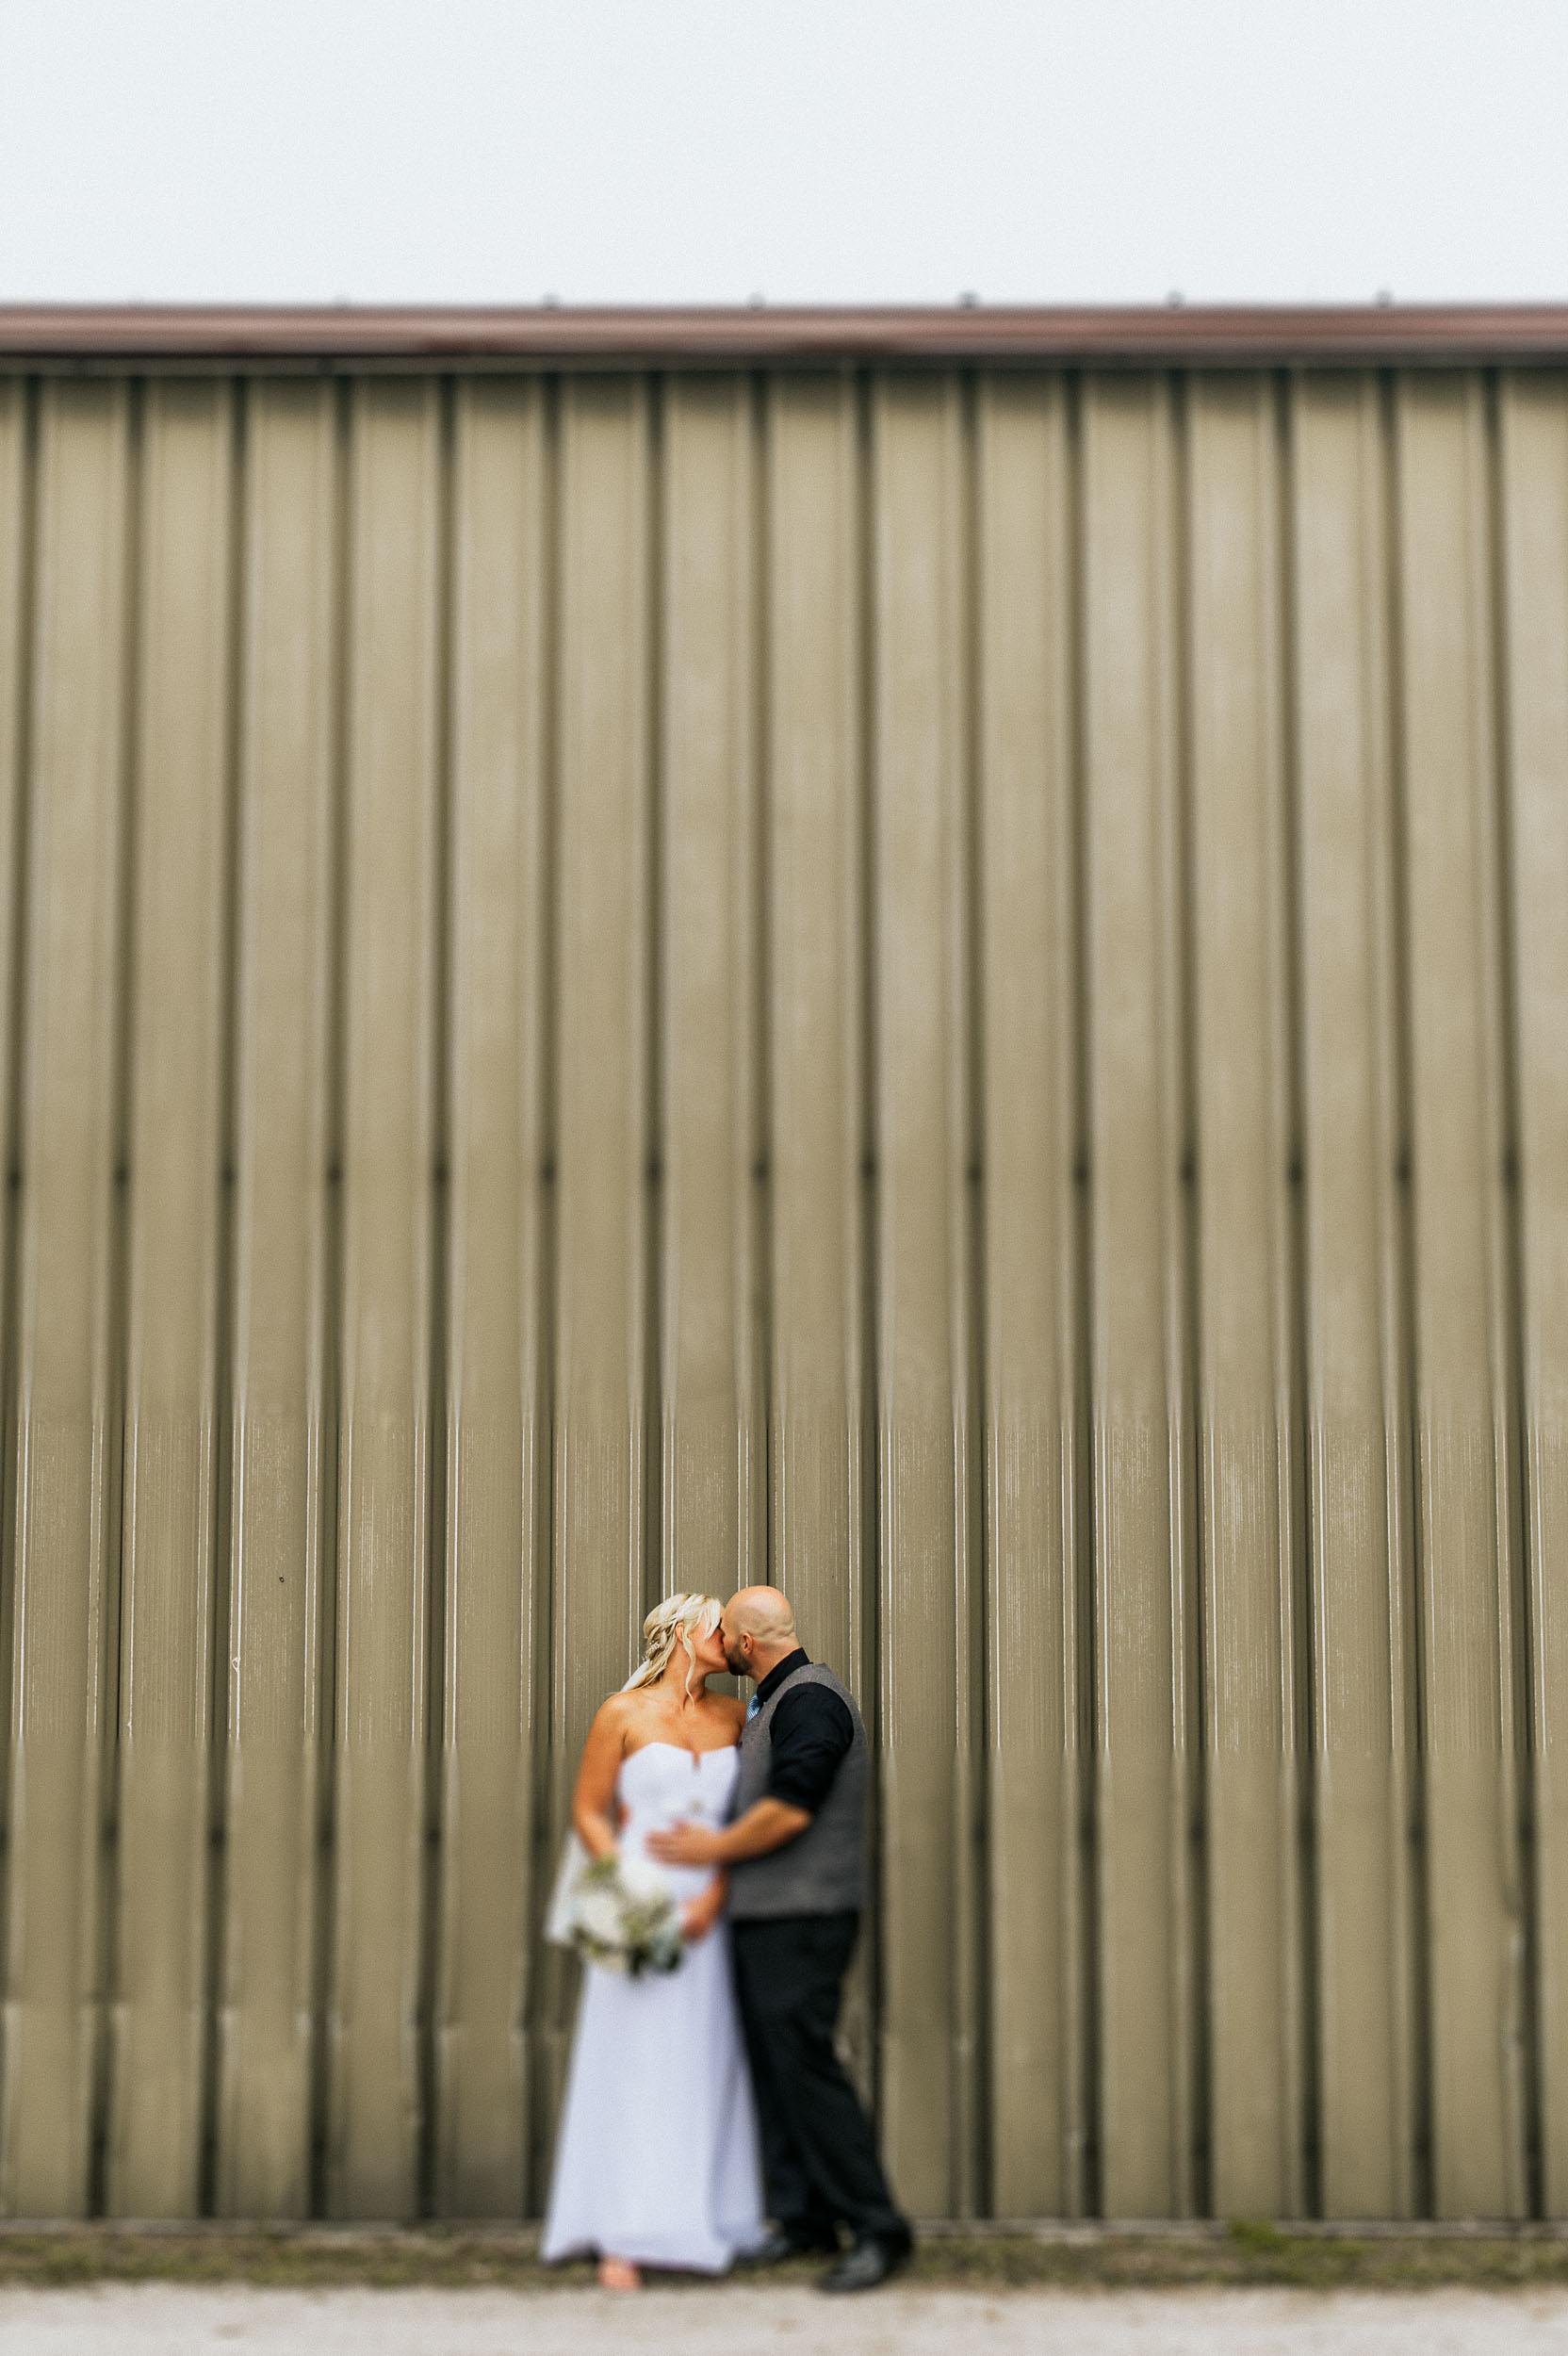 wedding-photography-stratford-davidiam-268.jpg